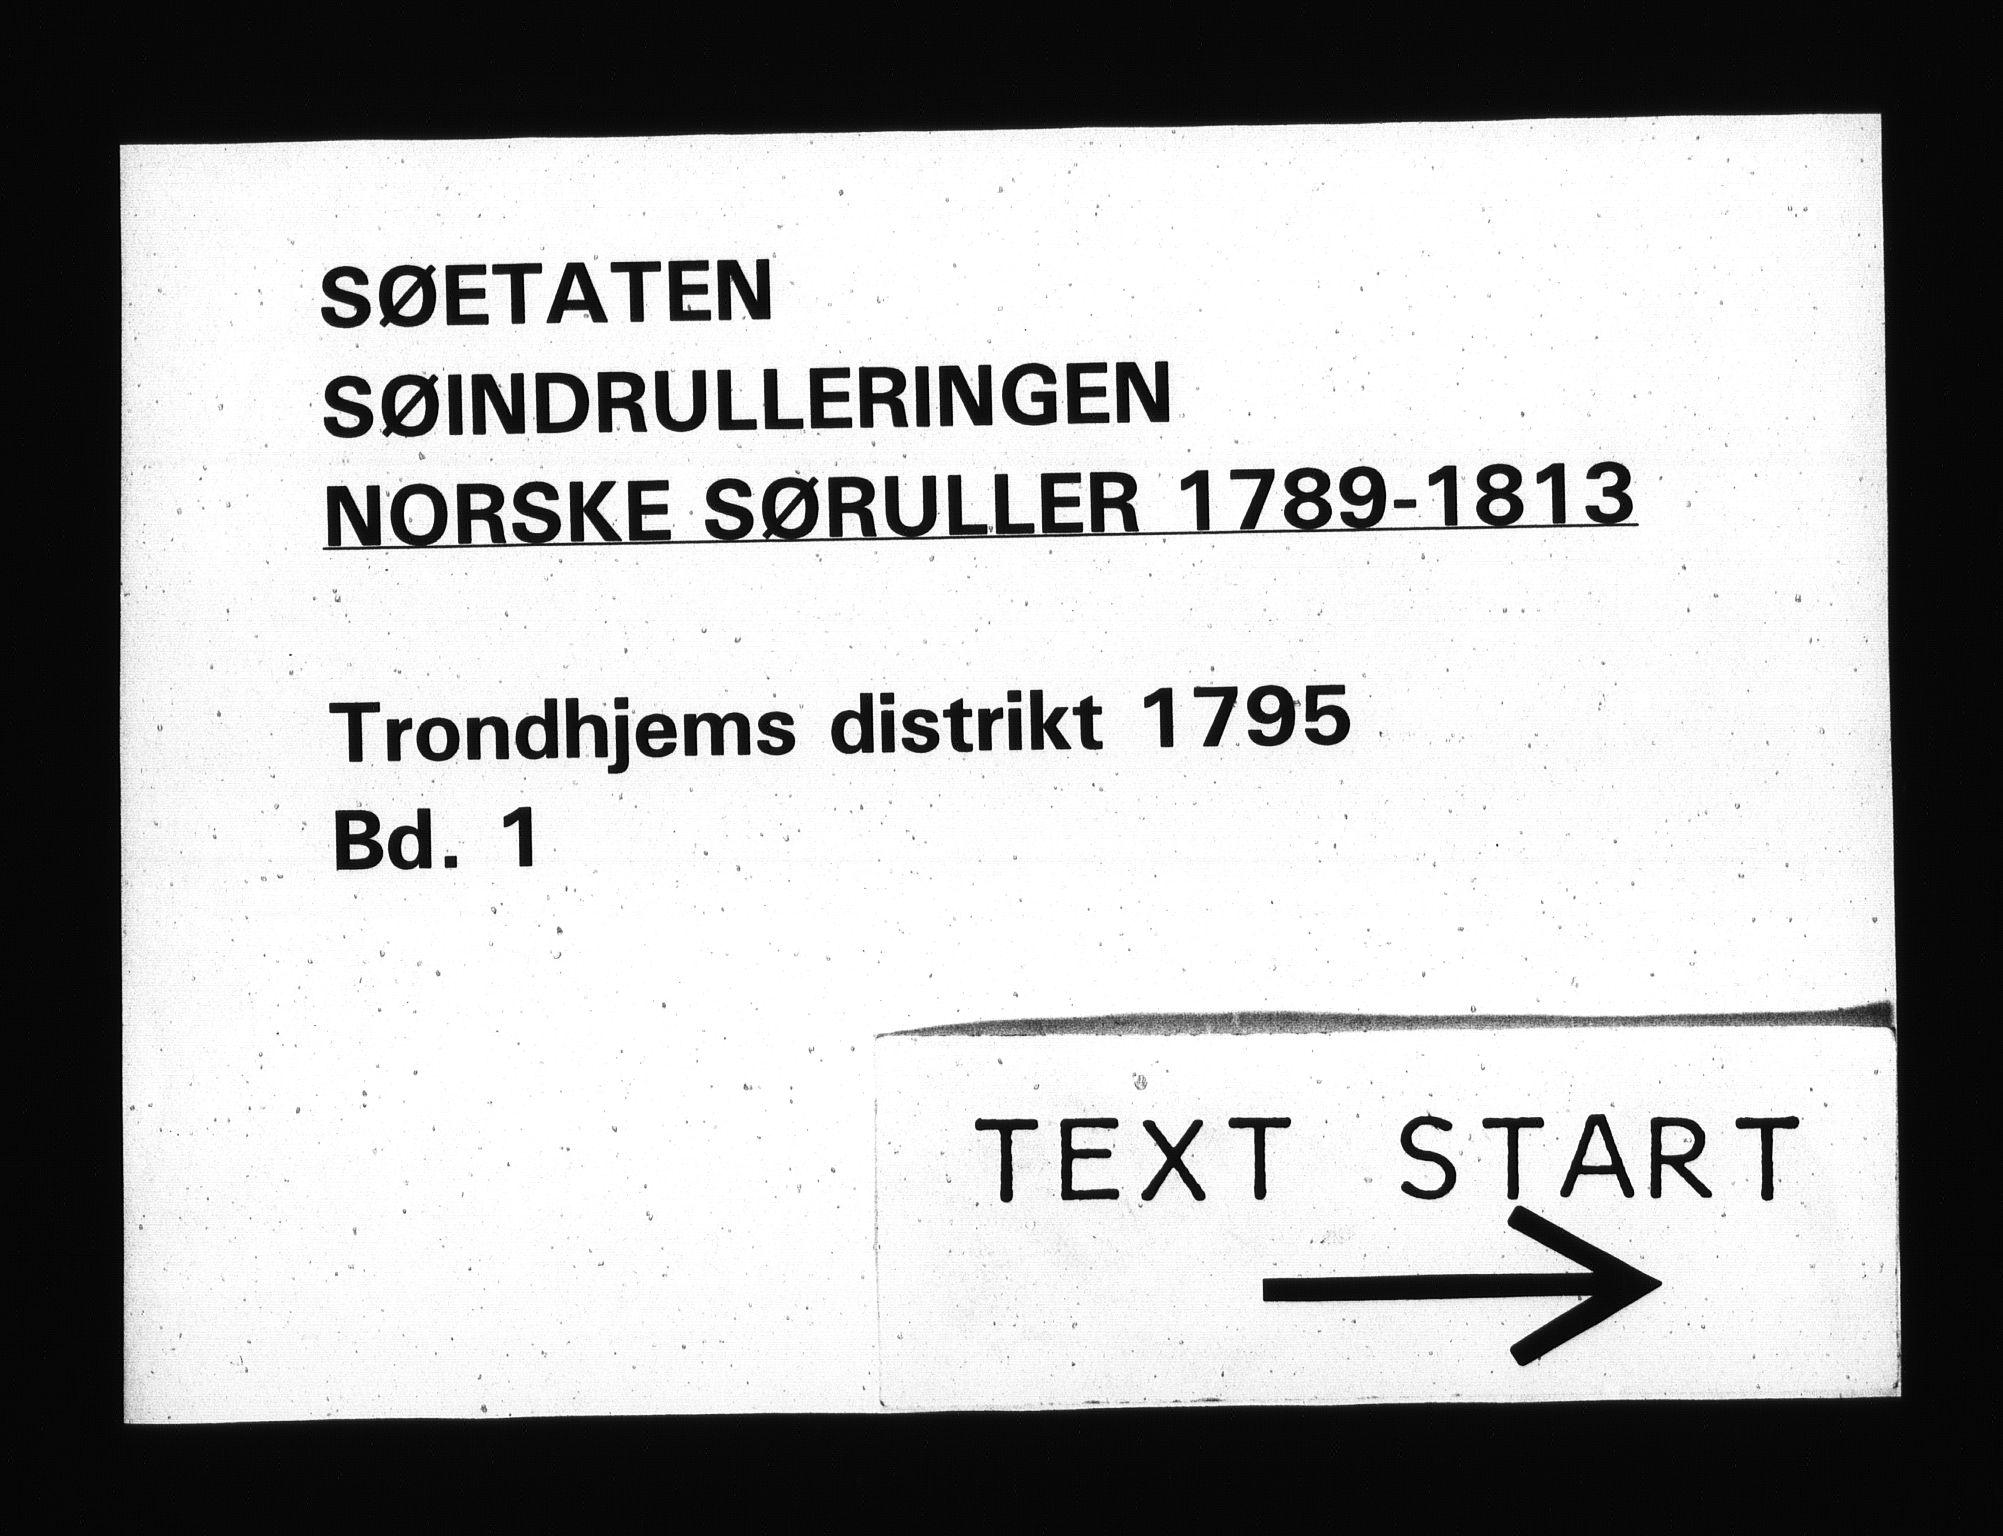 RA, Sjøetaten, F/L0310: Trondheim distrikt, bind 1, 1795